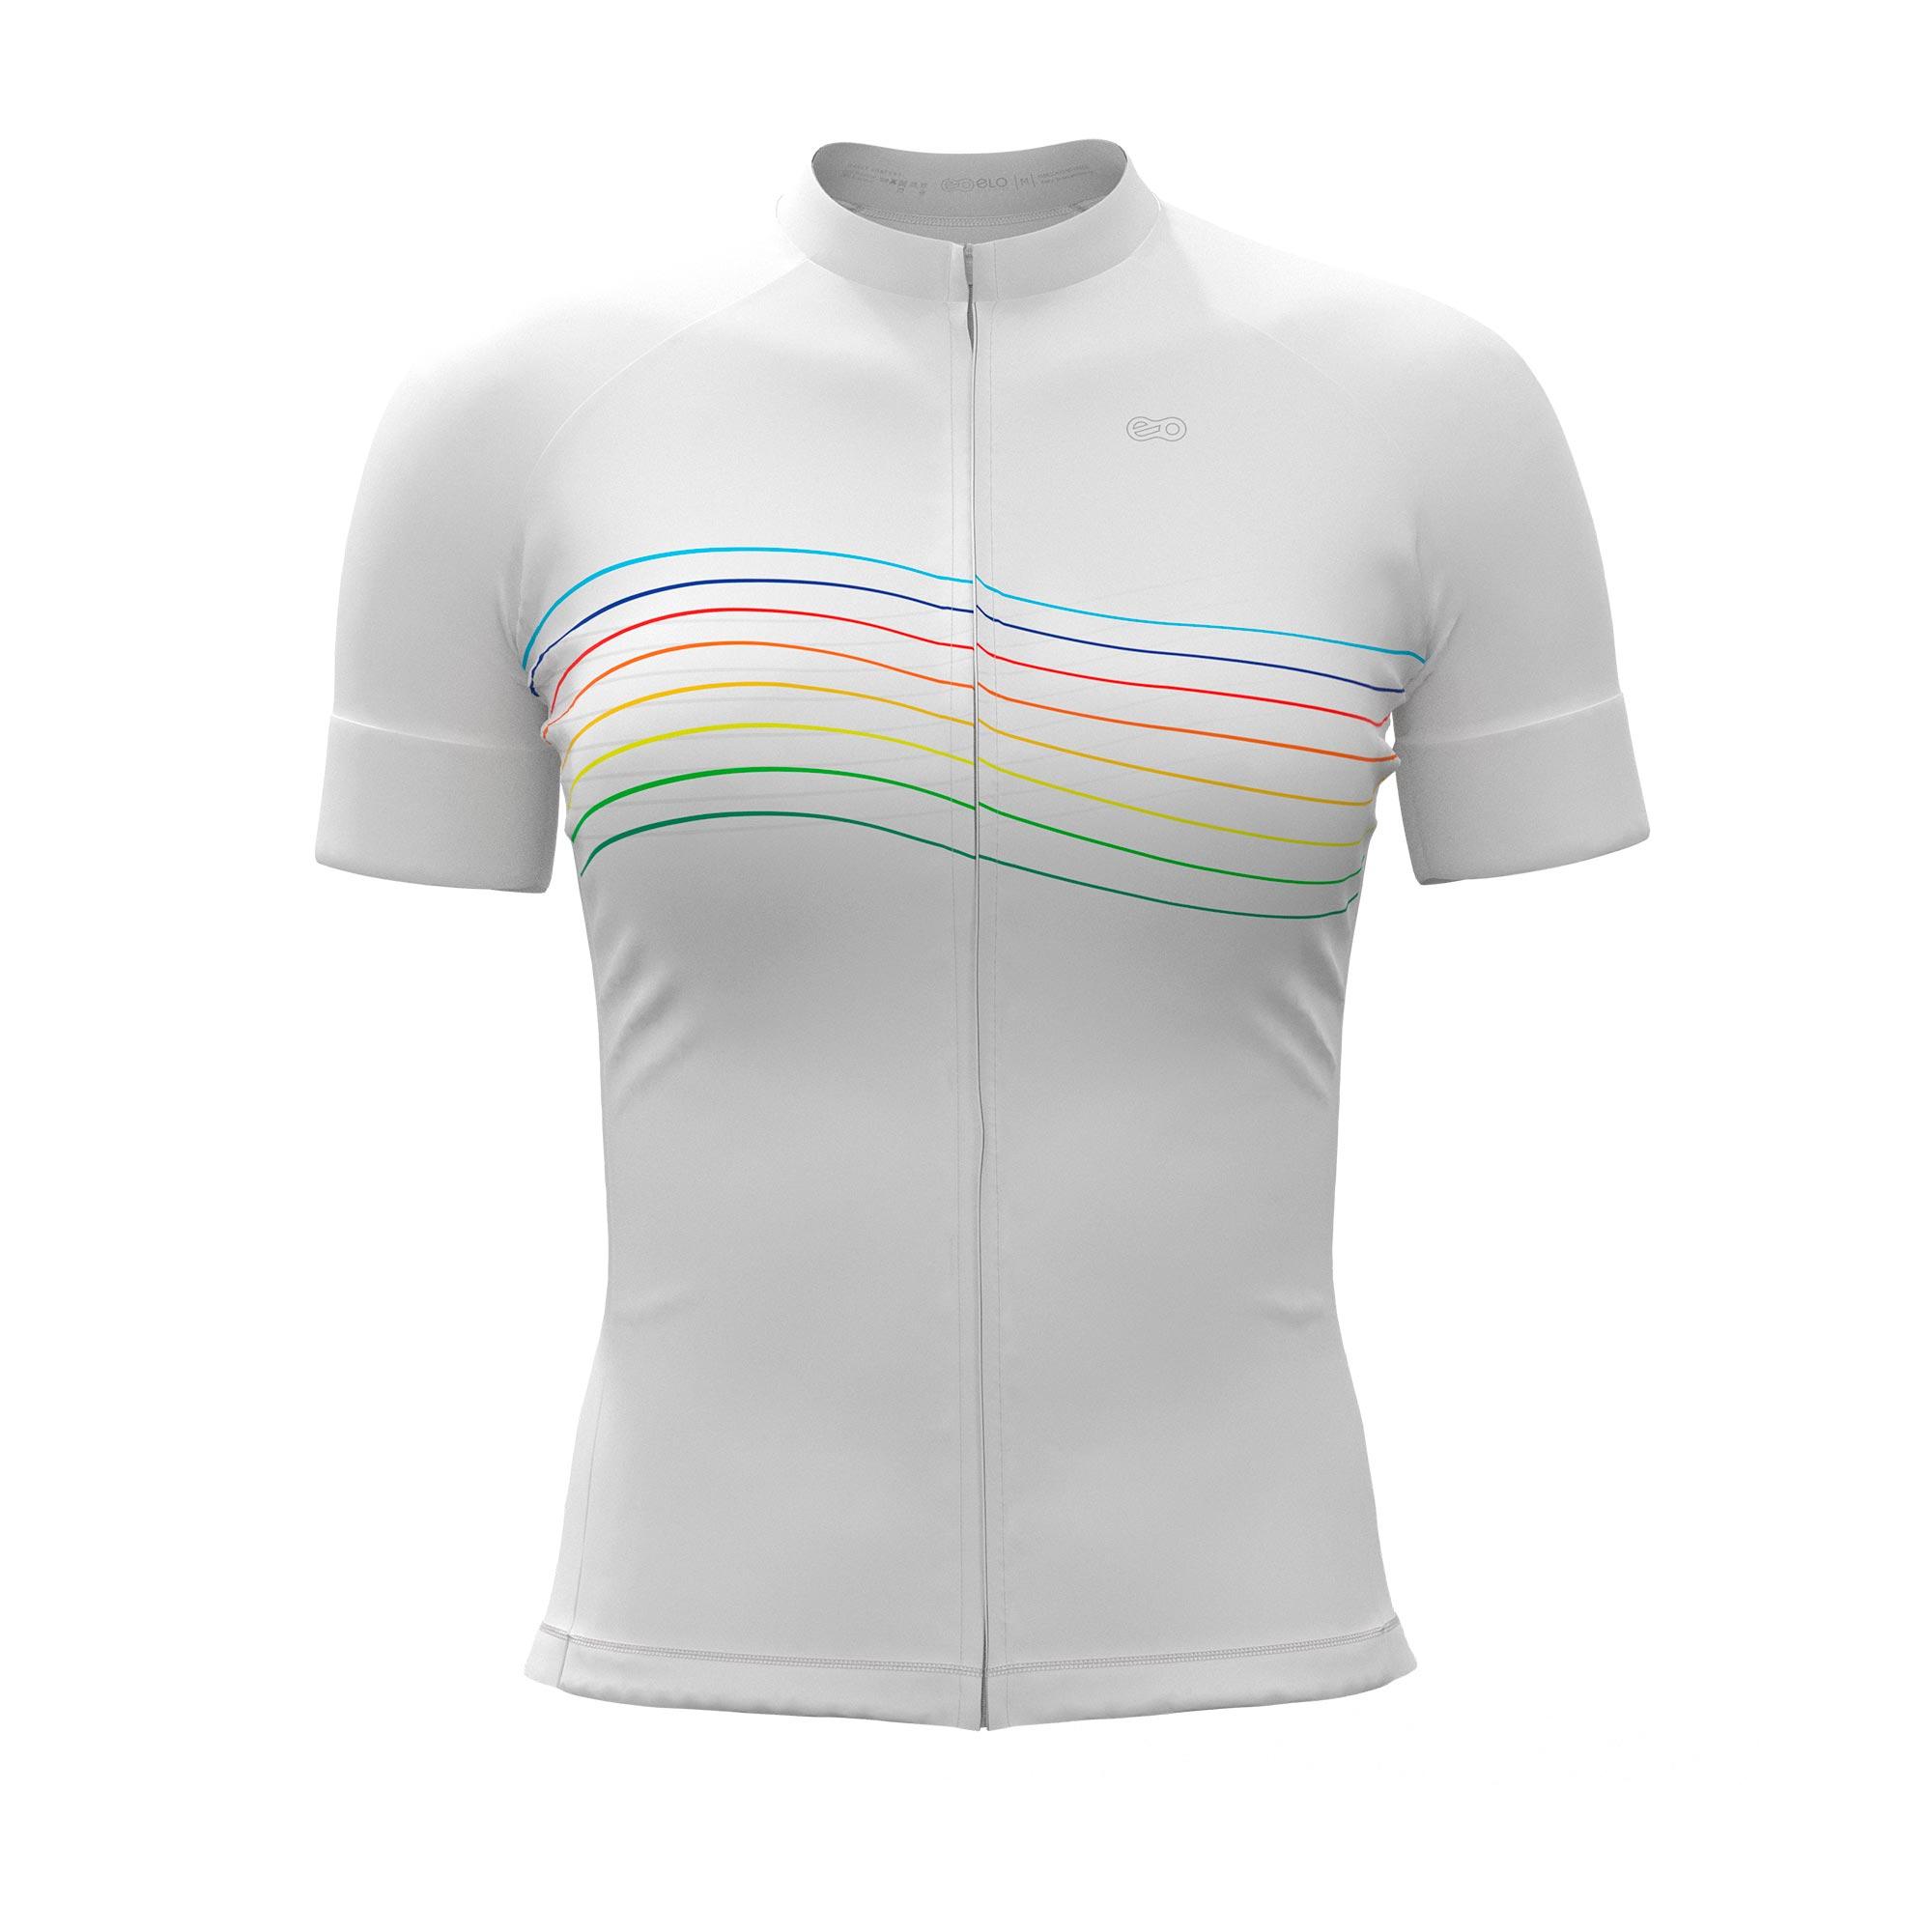 Camisa de Ciclismo Confort FEM - World Lines